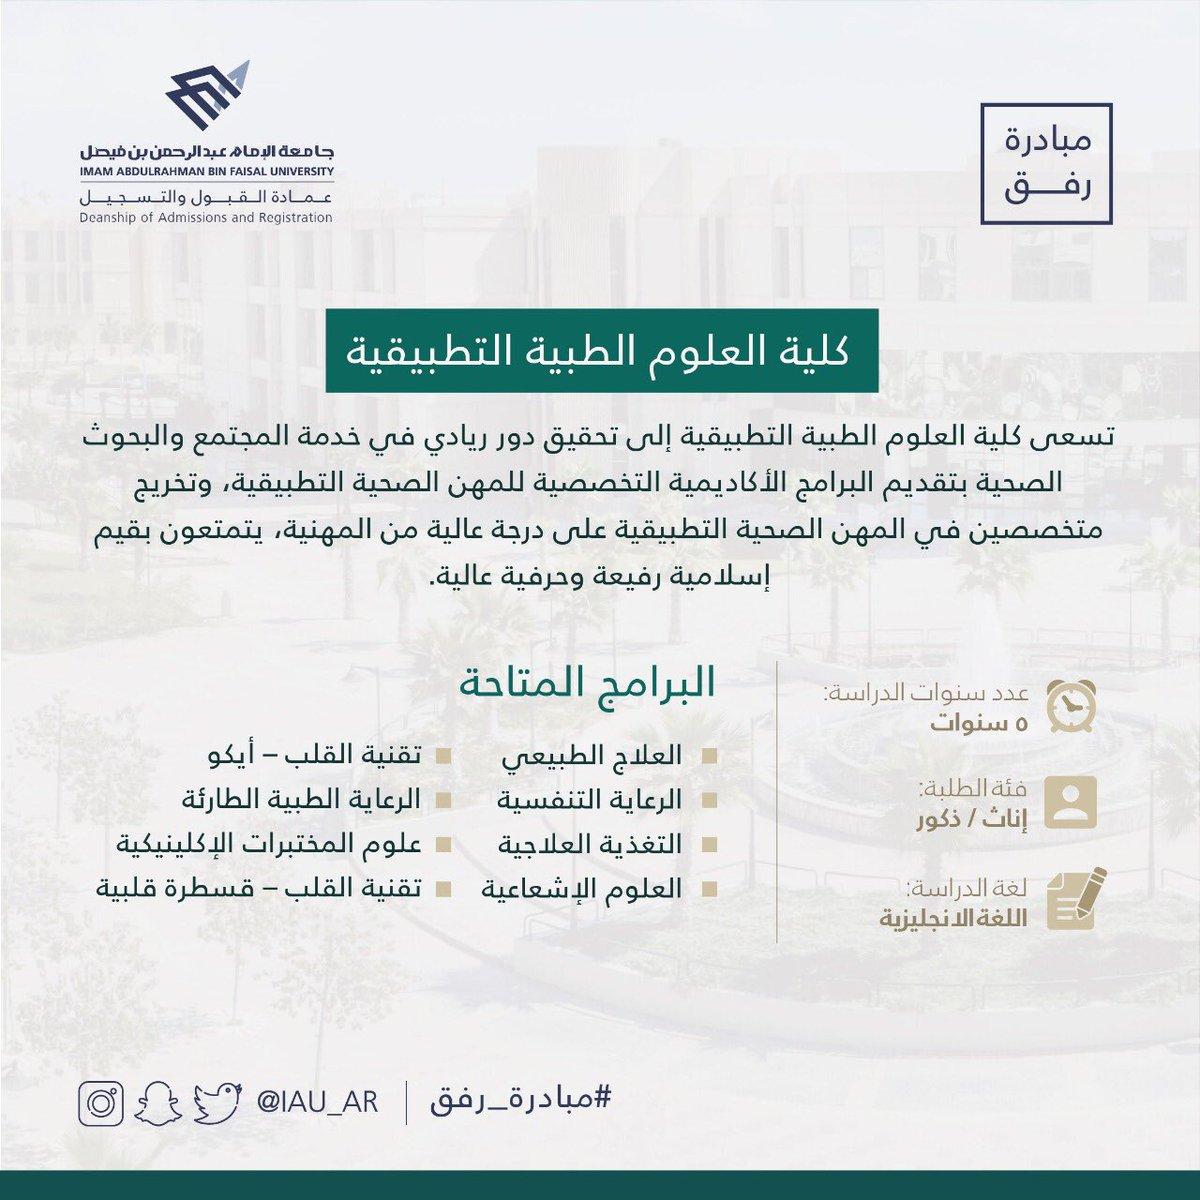 عمادة القبول والتسجيل على تويتر يتبع كليات المسار الصحي كلية التمريض في جامعة الإمام عبدالرحمن بن فيصل مبادرة رفق